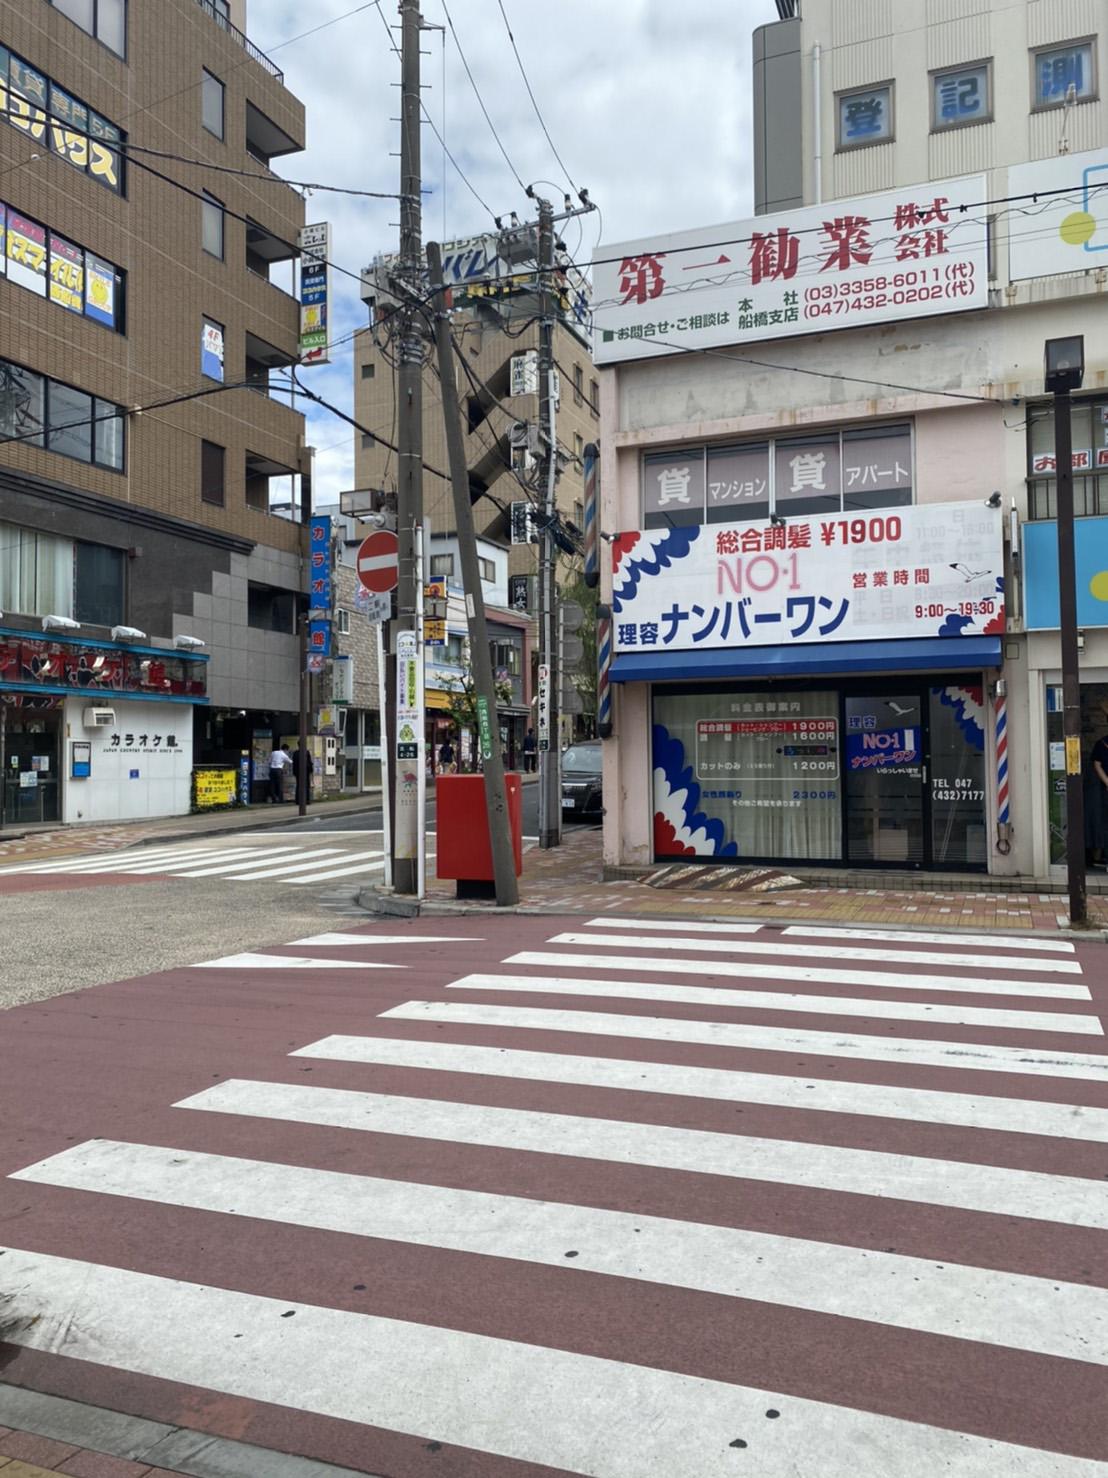 西船橋駅北口の横断歩道の写真